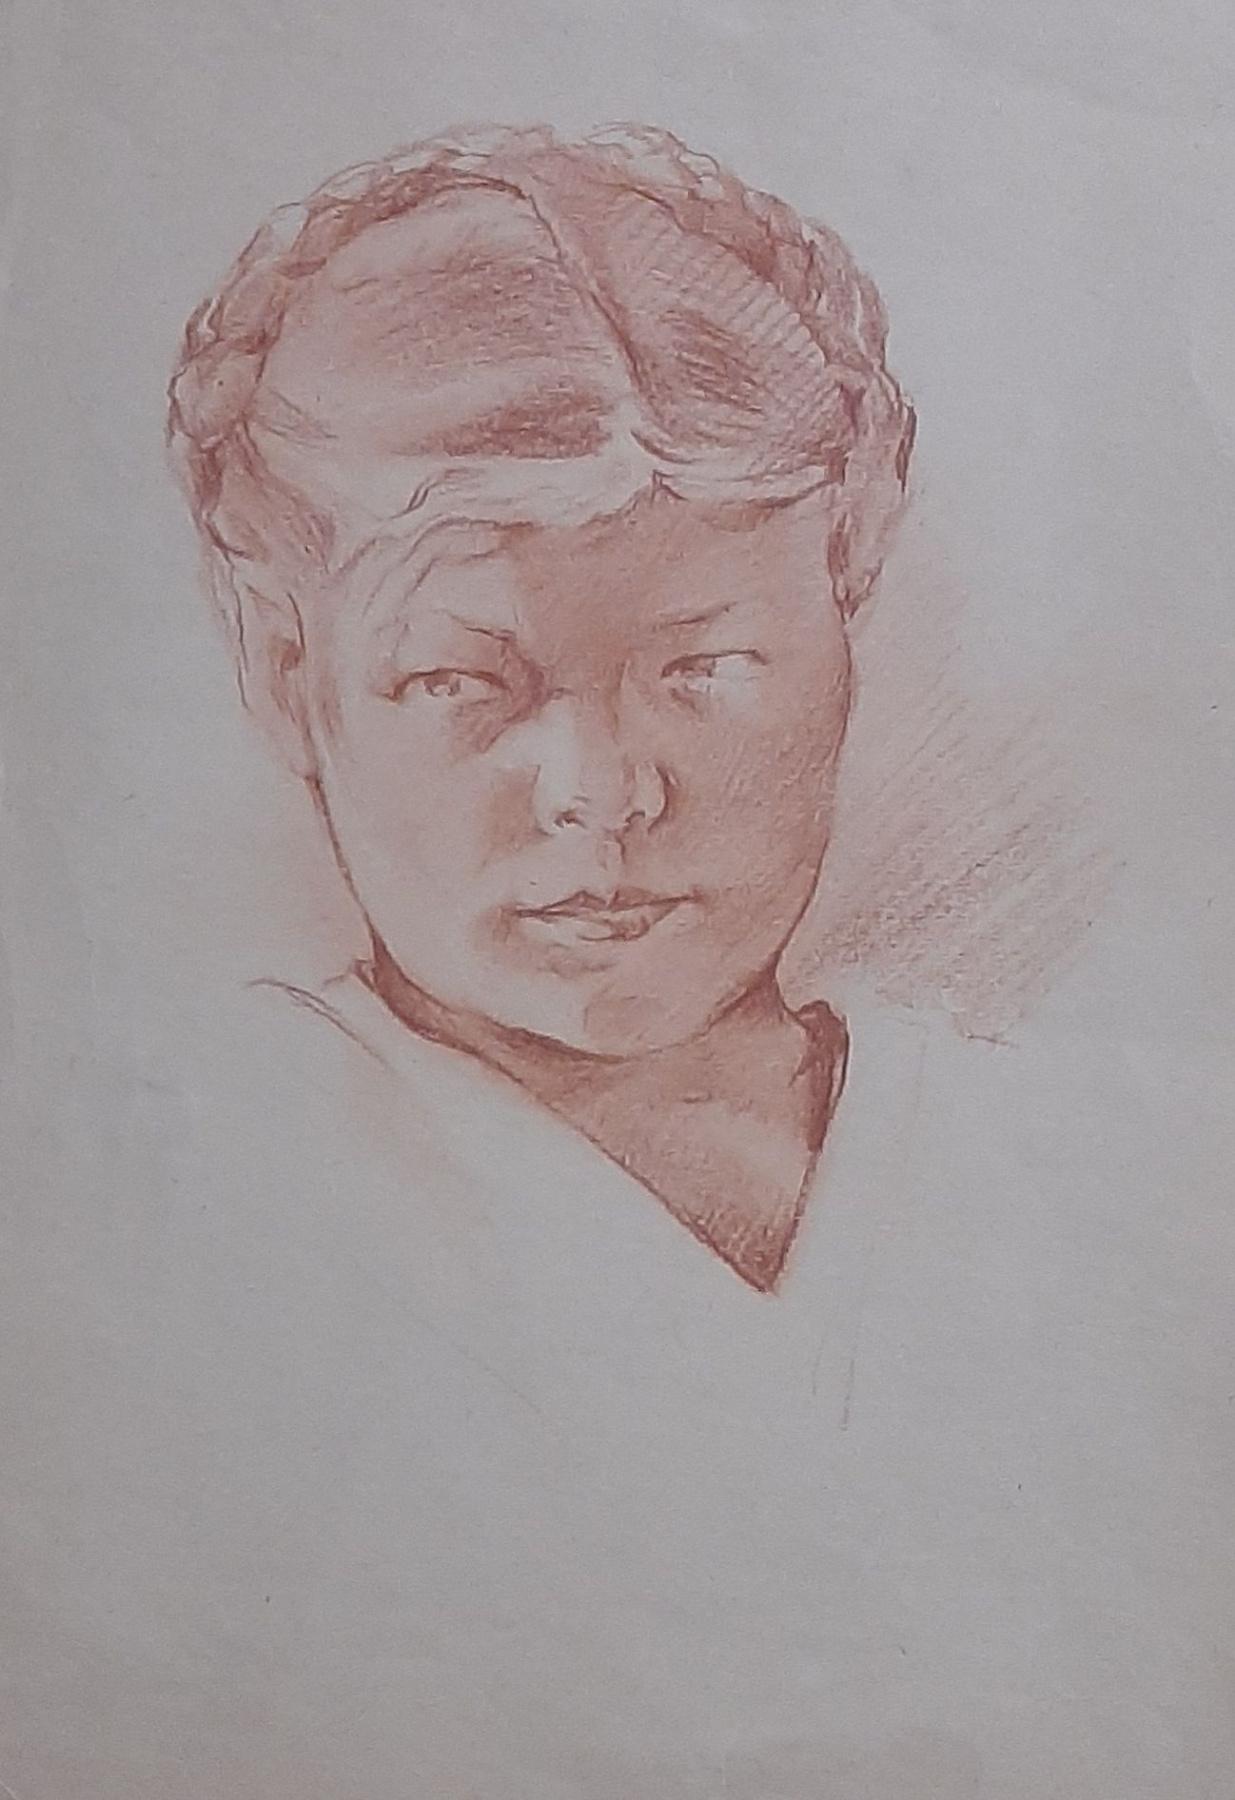 Natalia Agapieva - Zakharova. Female portrait. Ukrainian braid.